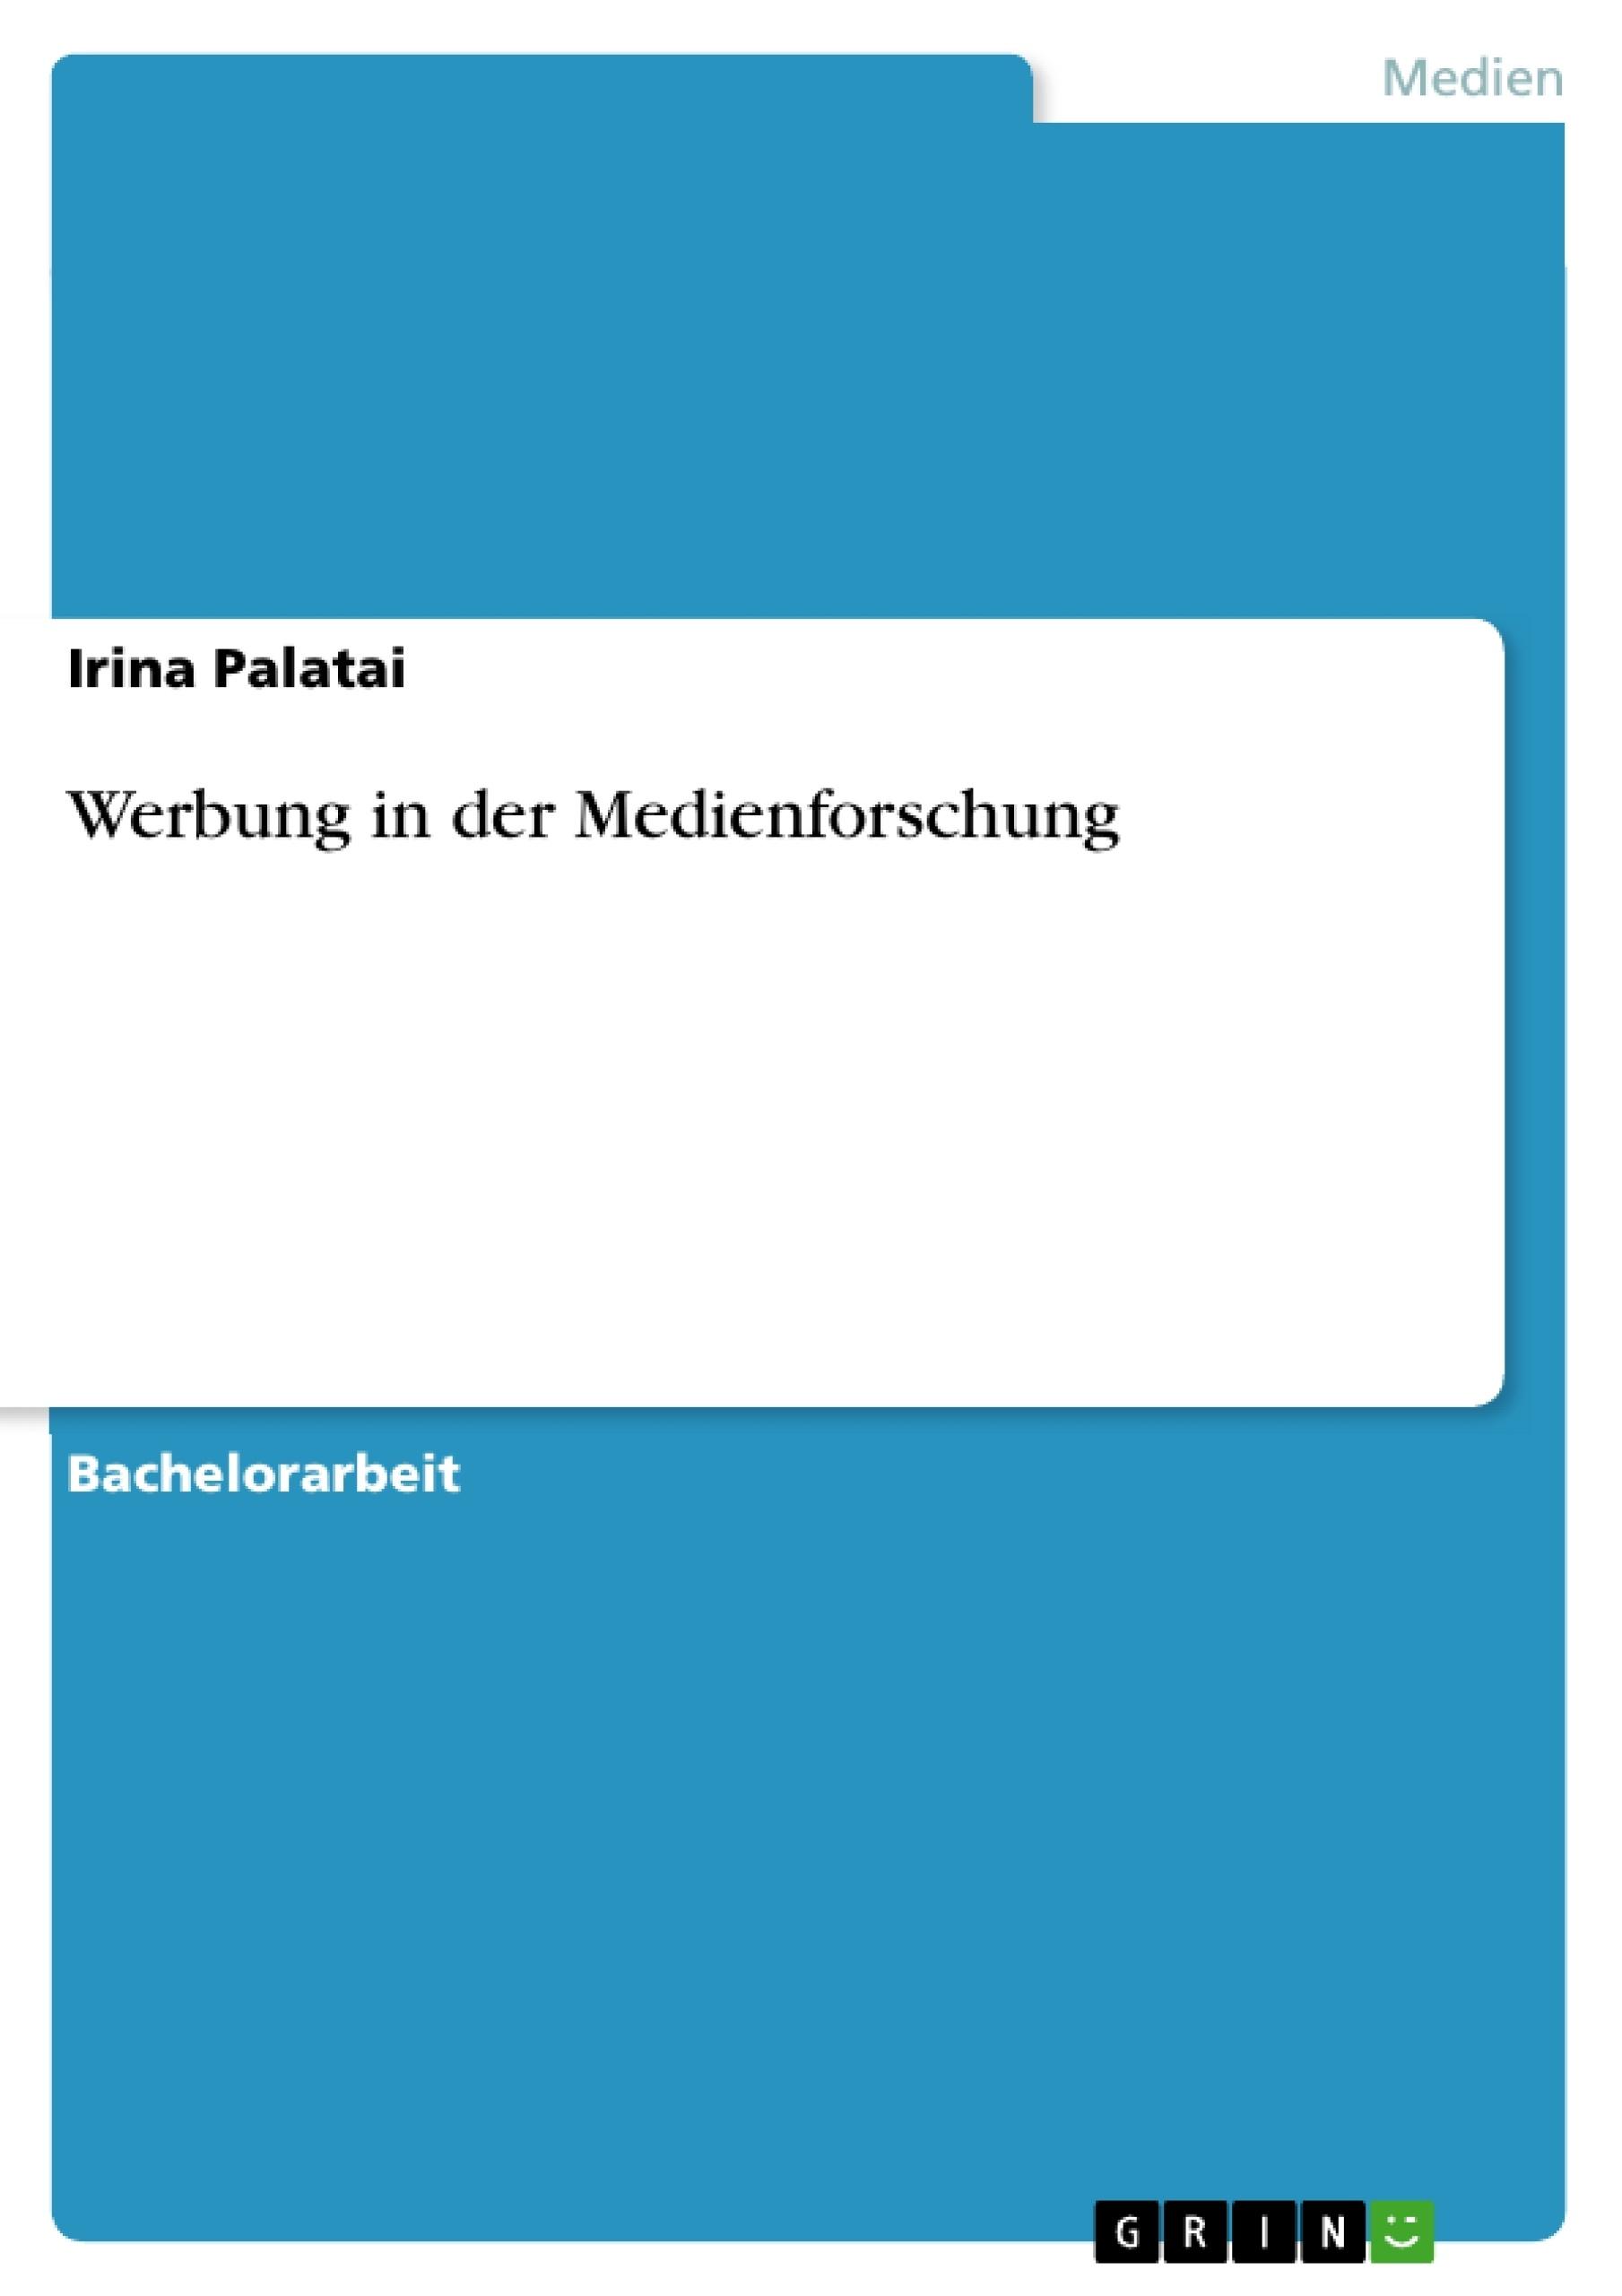 Titel: Werbung in der Medienforschung